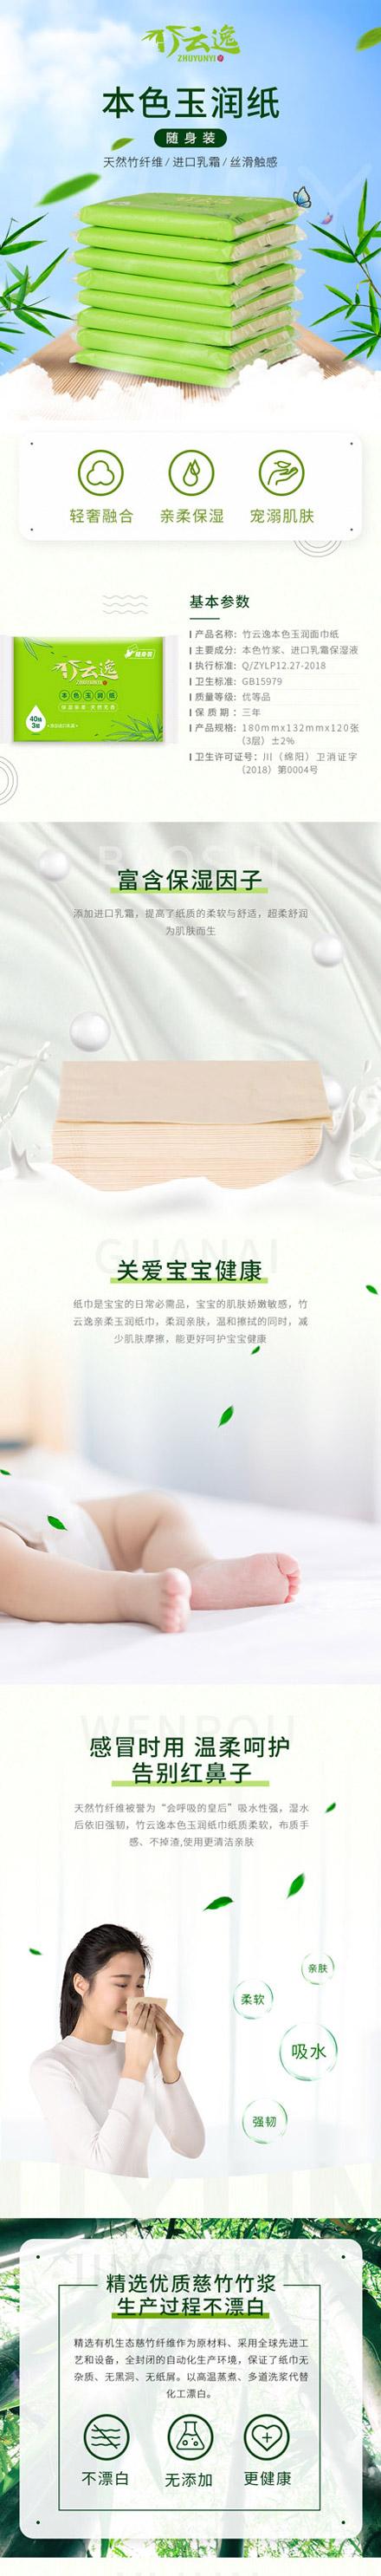 纸巾产品详情页设计